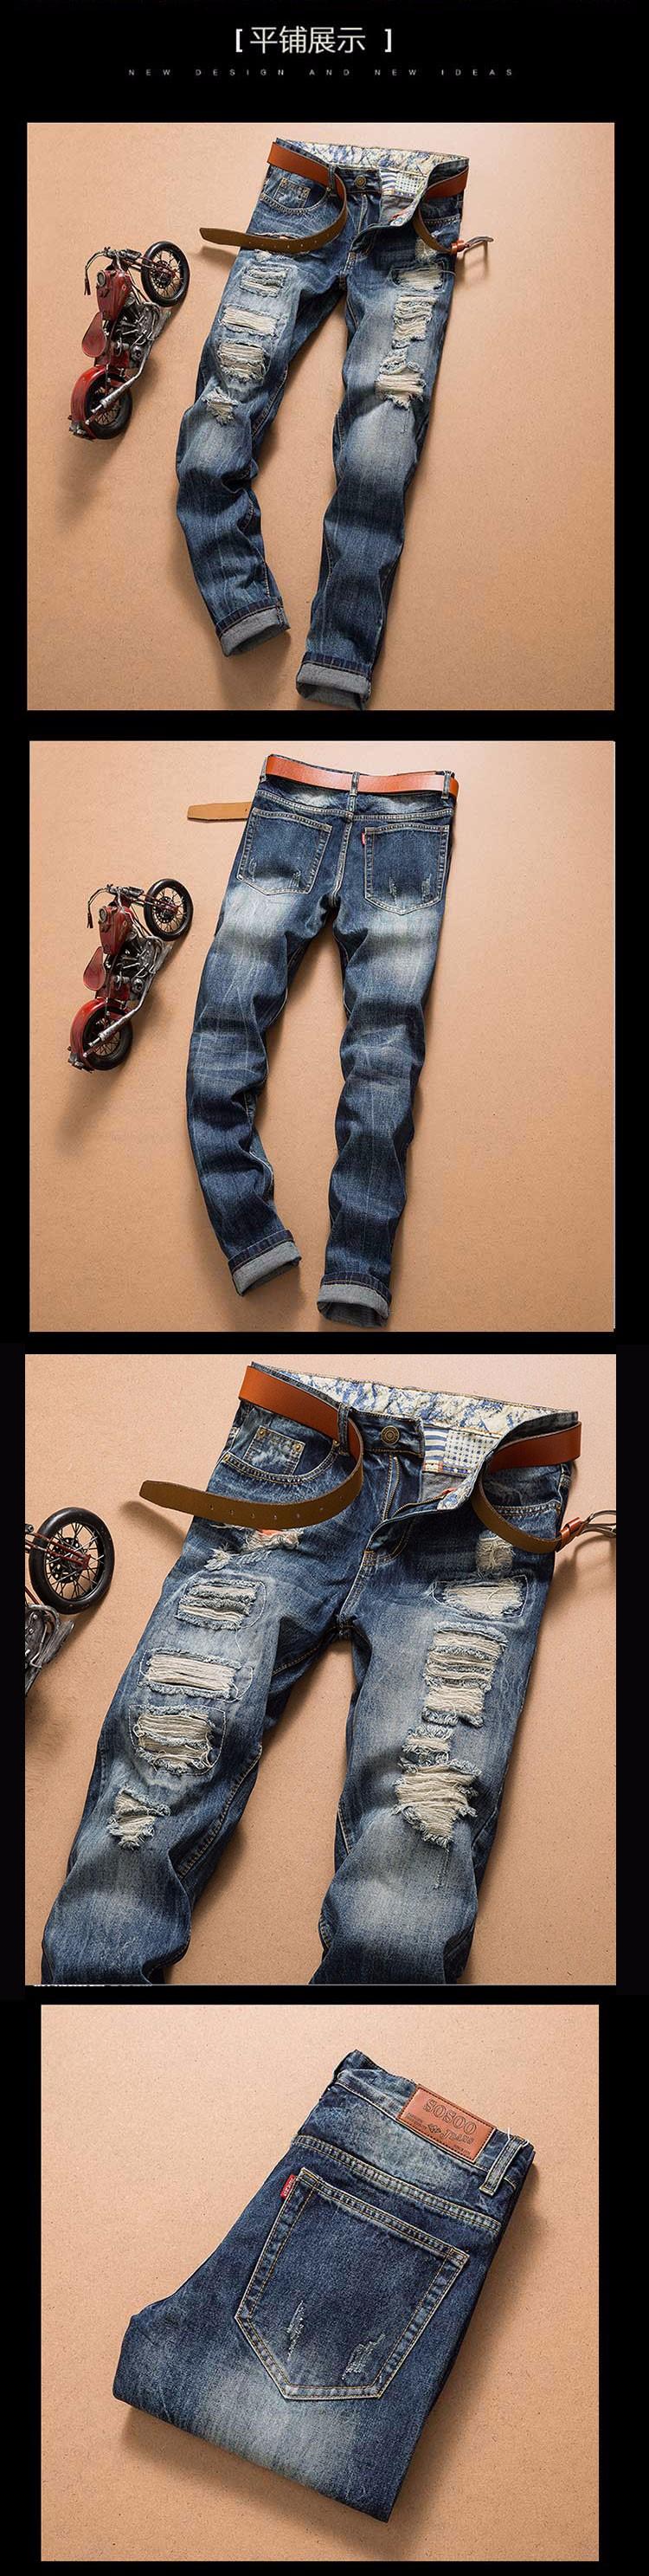 Скидки на Горячая 2016 Новый дизайнер известный бренд высококлассные хлопок джинсы для мужчин разорвал штаны, европейский и Американский стиль джинсы мужские байкер брюк